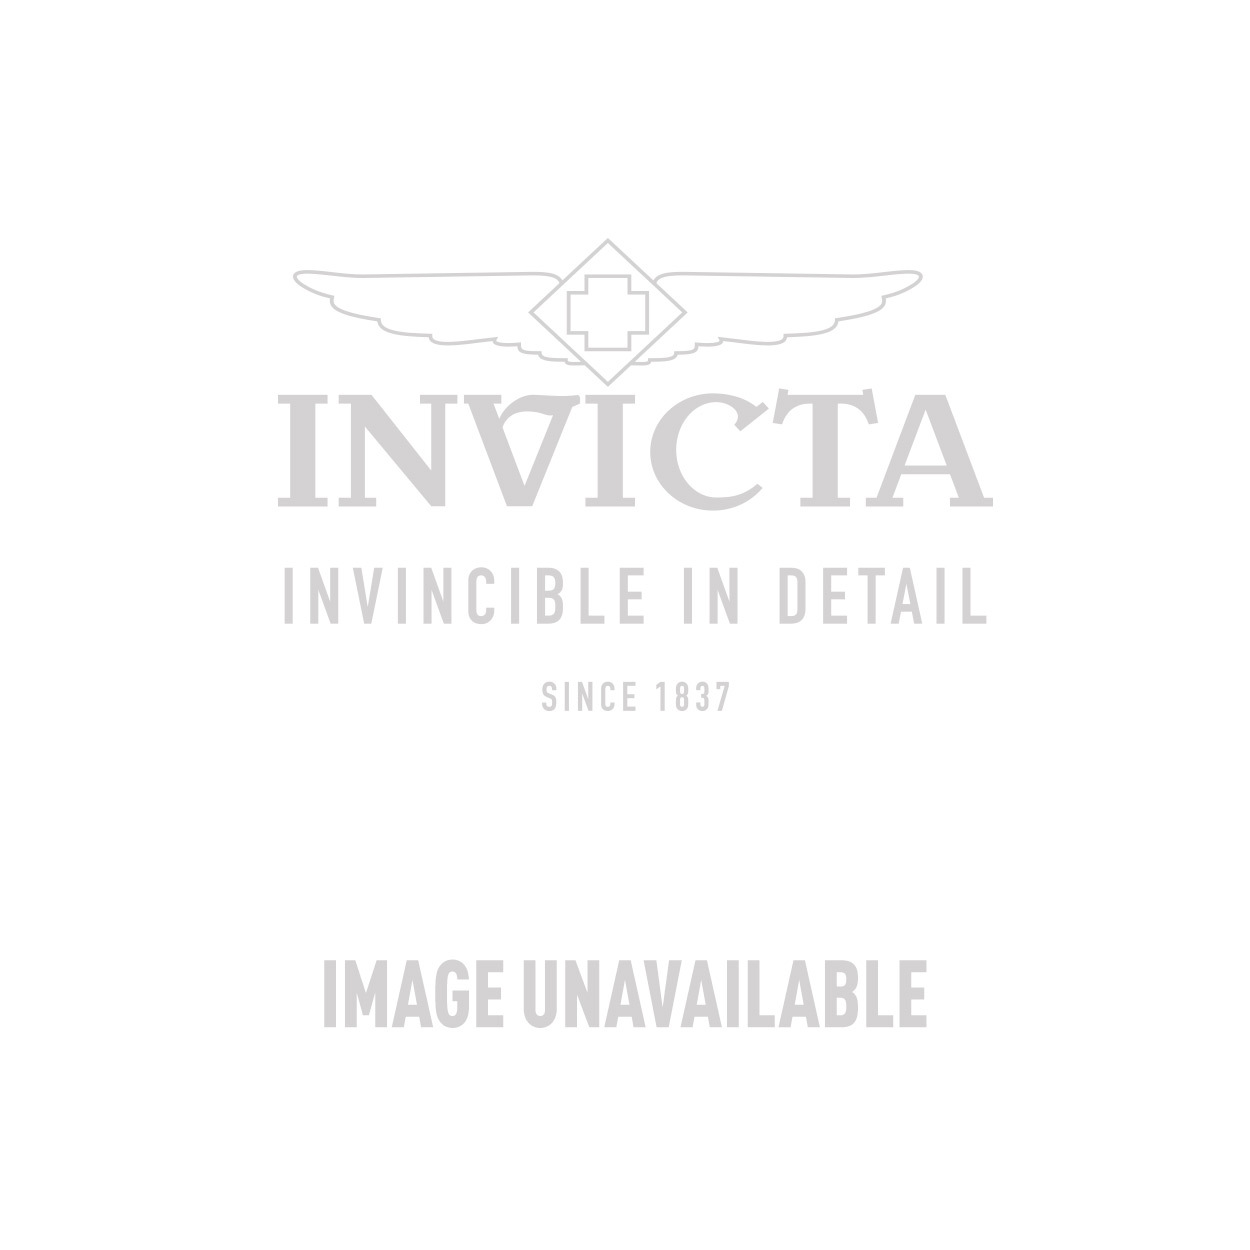 Invicta Model 28089